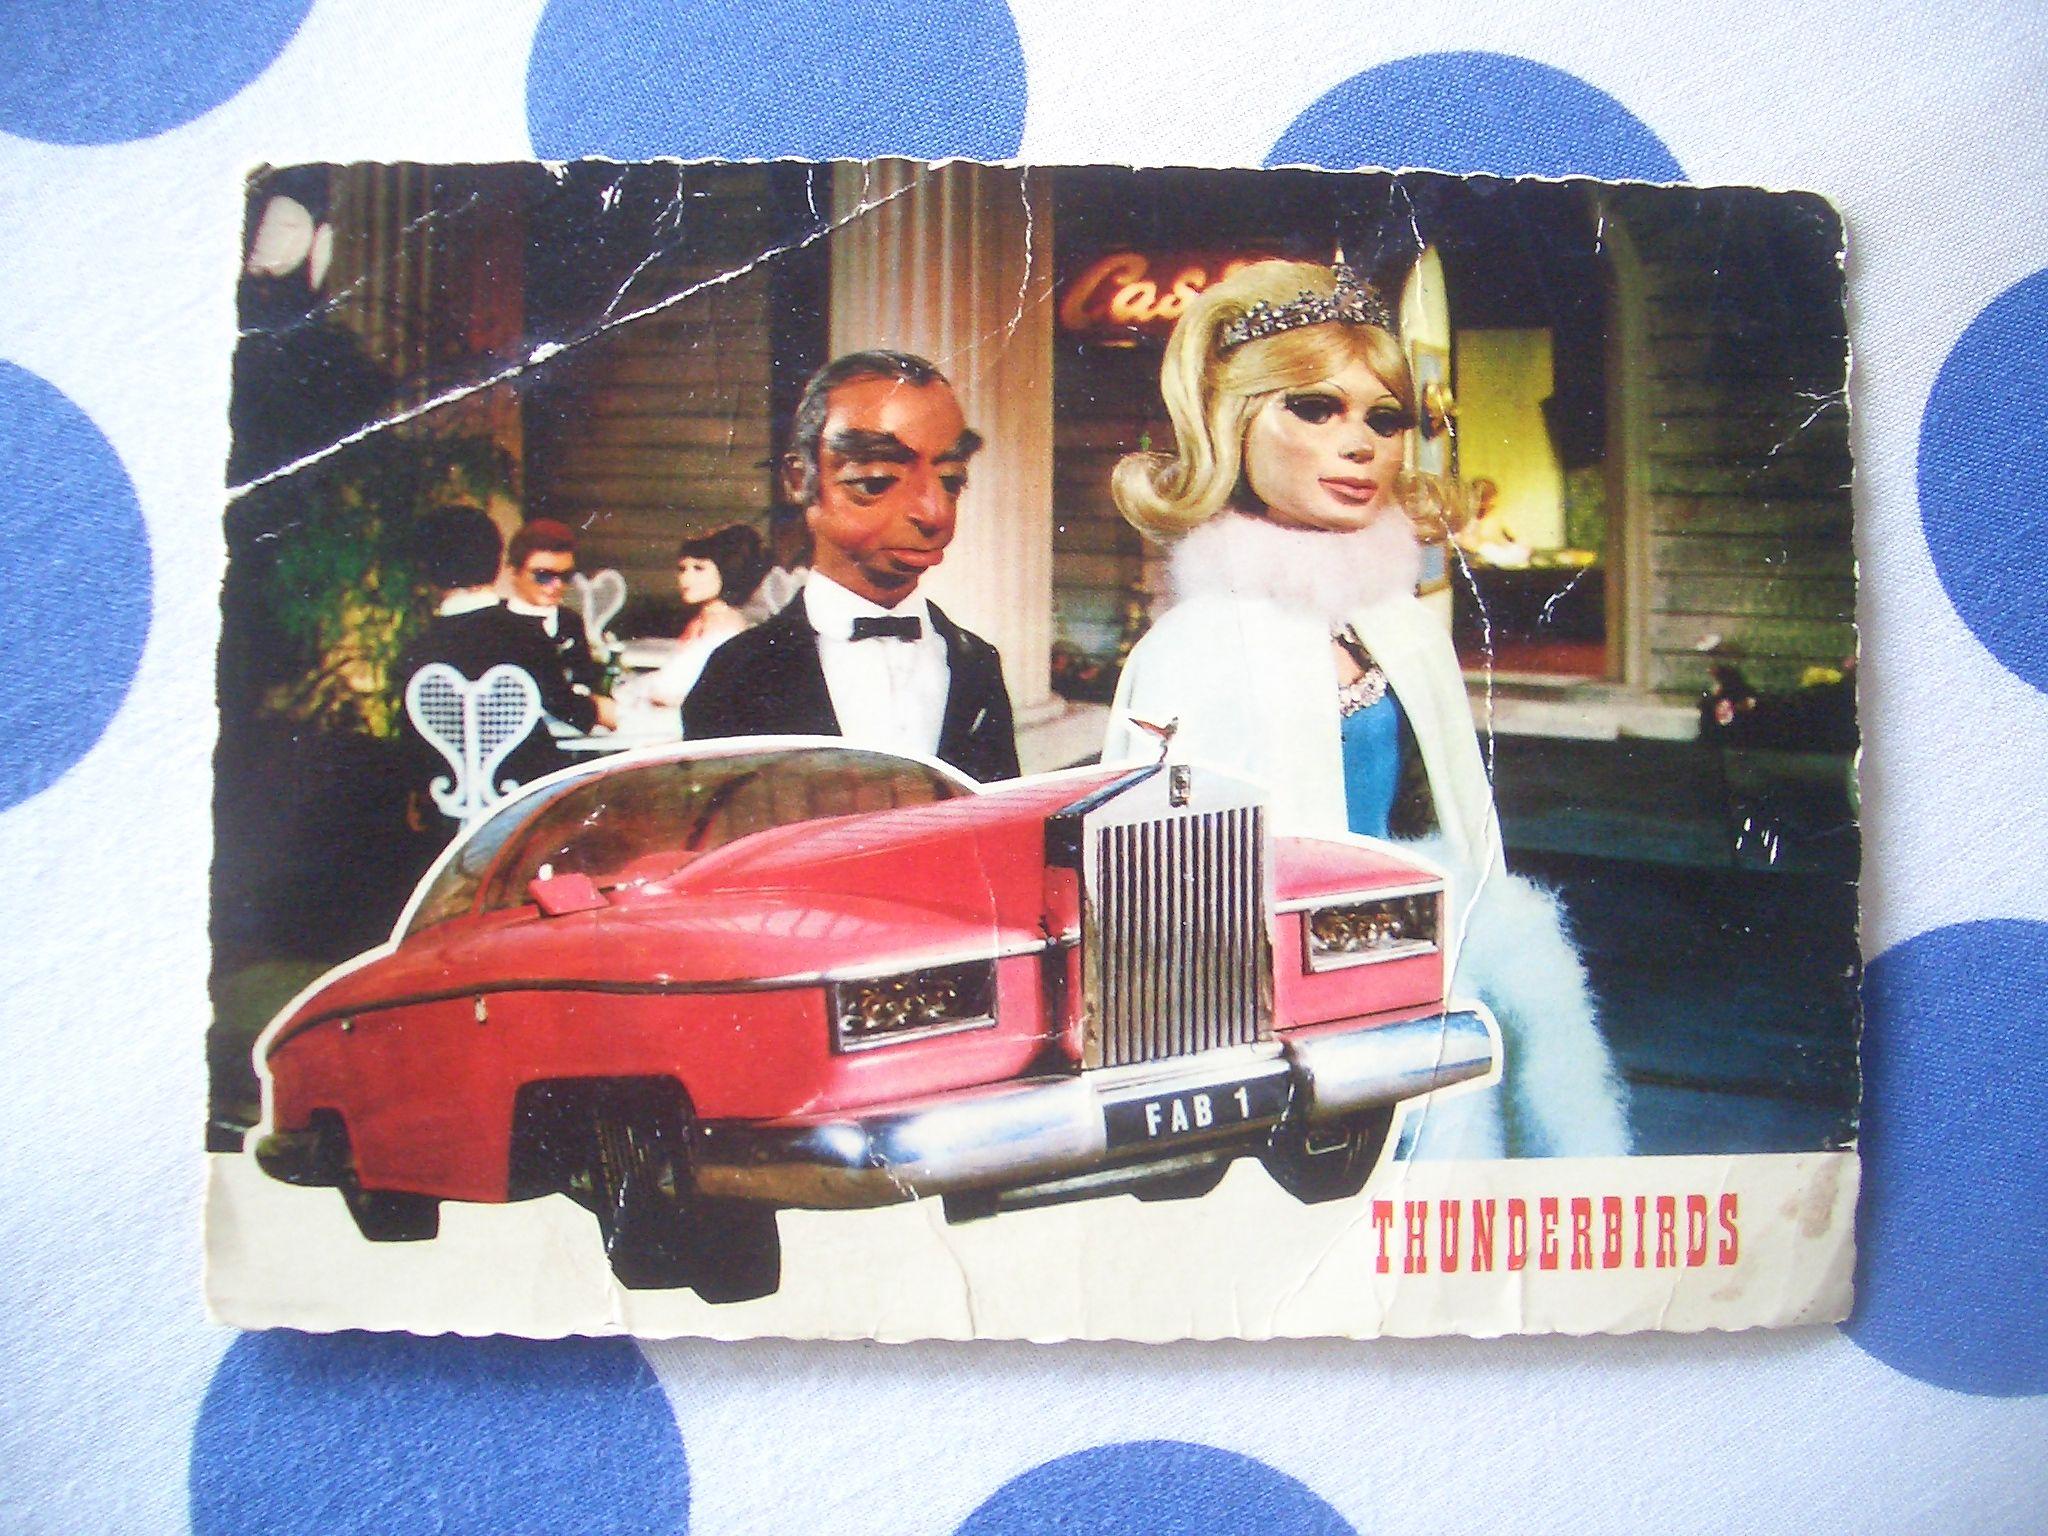 Een kaart van de TV serie Thunderbirds!